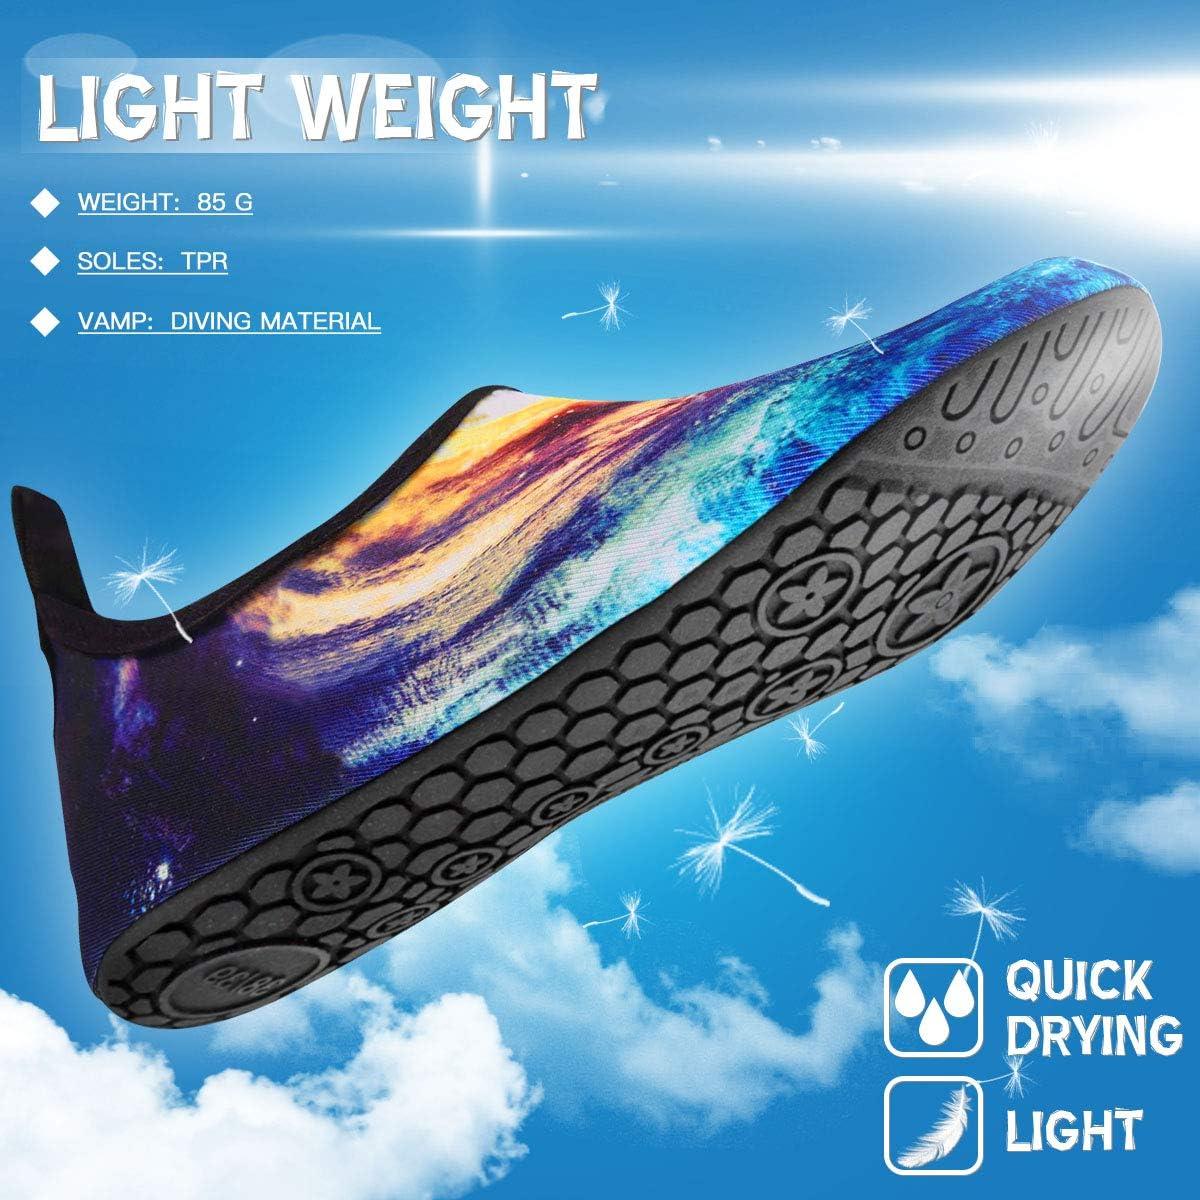 Aquaschuhe Schwimmschuhe Strandschuhe Surfschuhe f/ür Herren Damen Slip On Breathable Wasserschuhe Jungen rutschfeste Yoga Beach Shoes